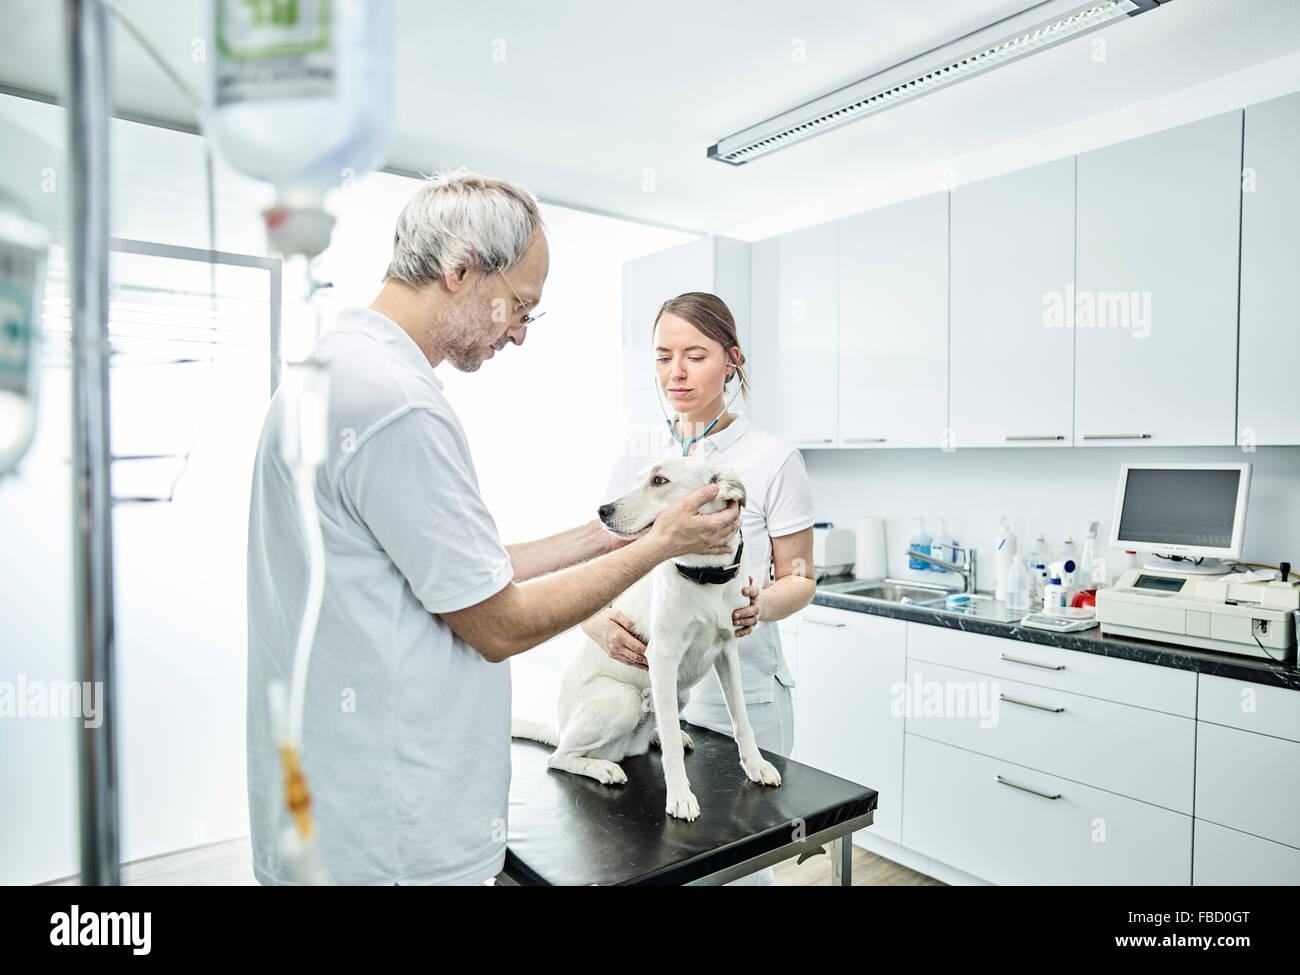 Tierärzte untersuchen Hund in der Tierheilkunde, Österreich Stockbild